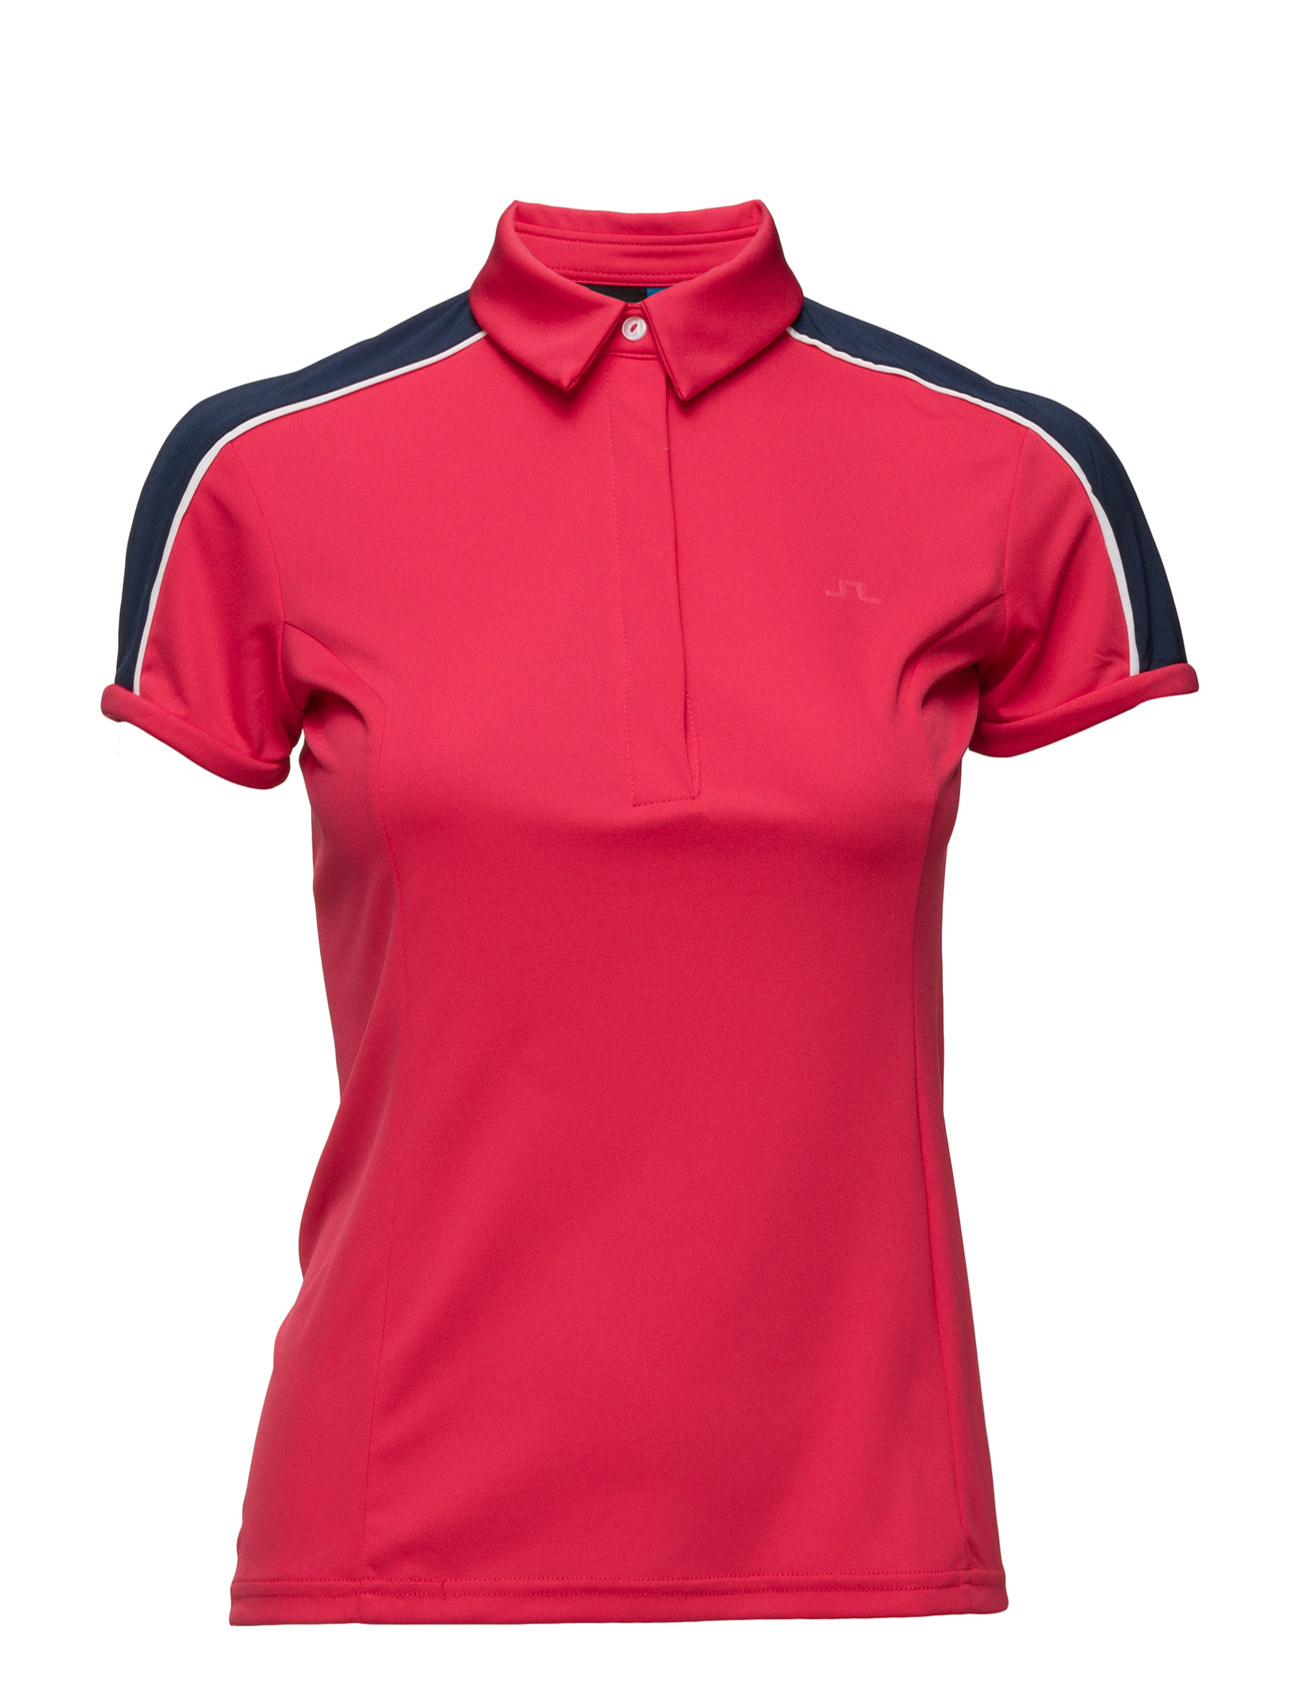 W Alva Slim  Tx Jersey J. Lindeberg Golf Golf polo t-shirts til Damer i Koral